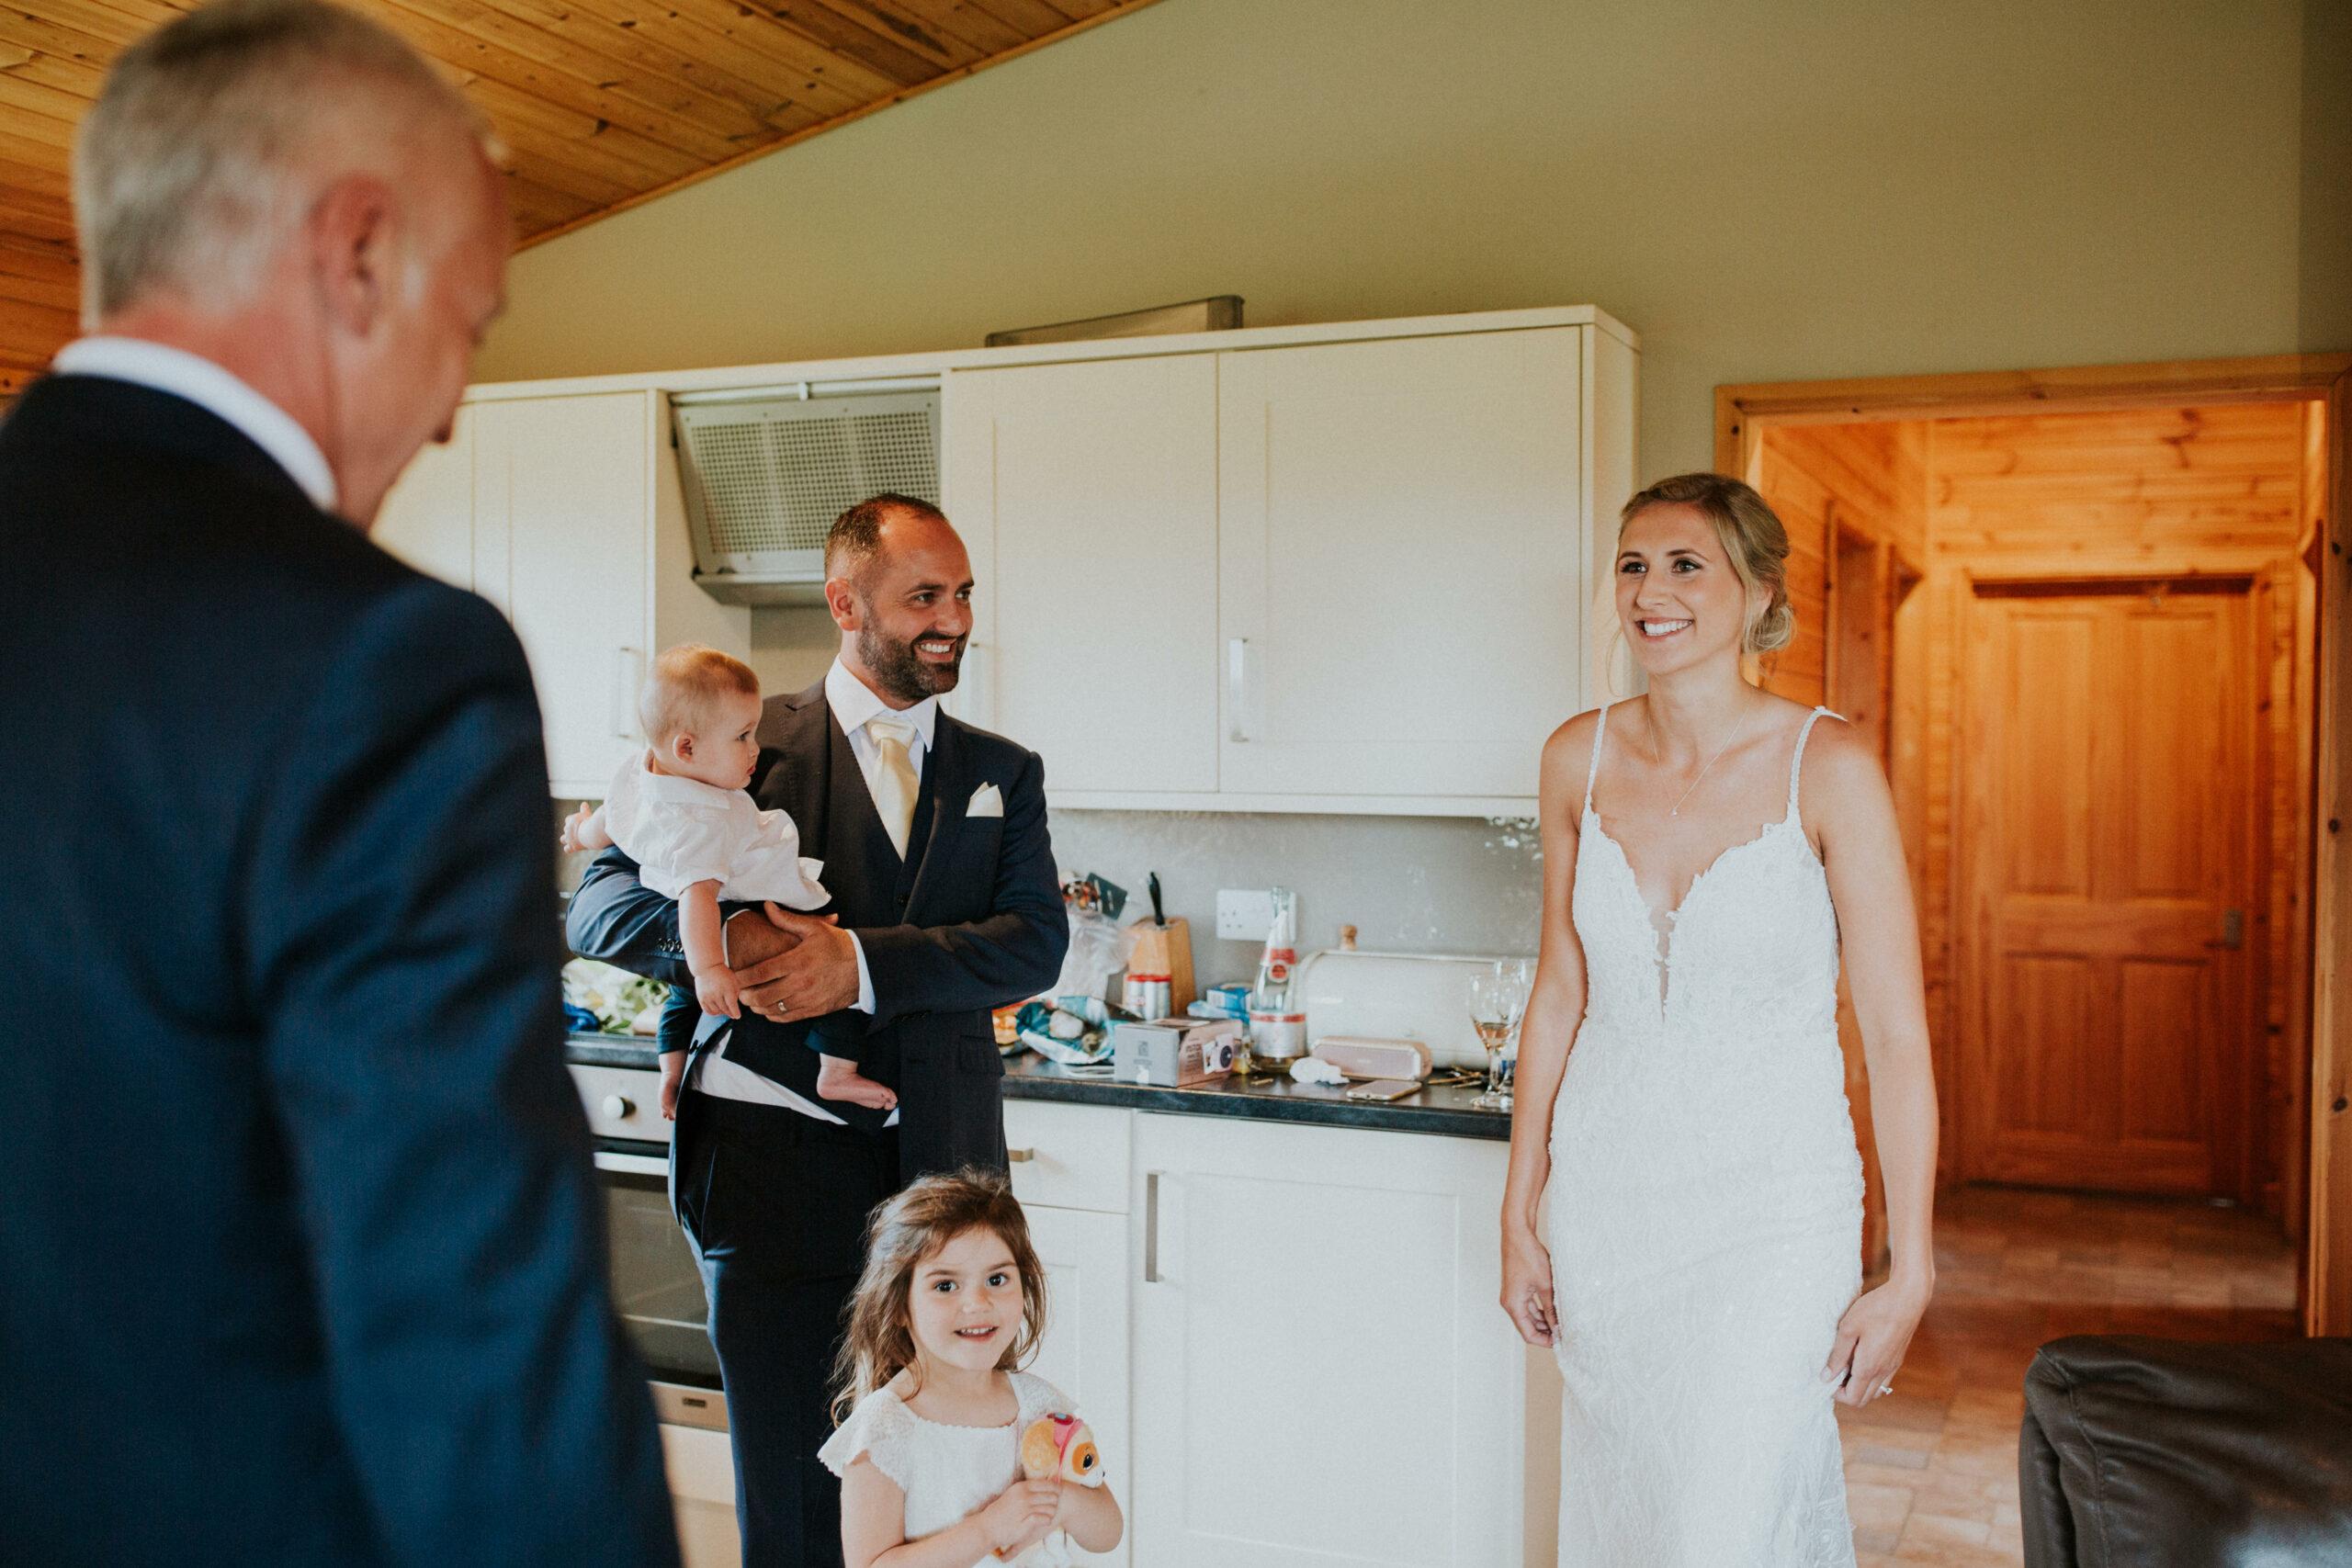 brides dad sees bride